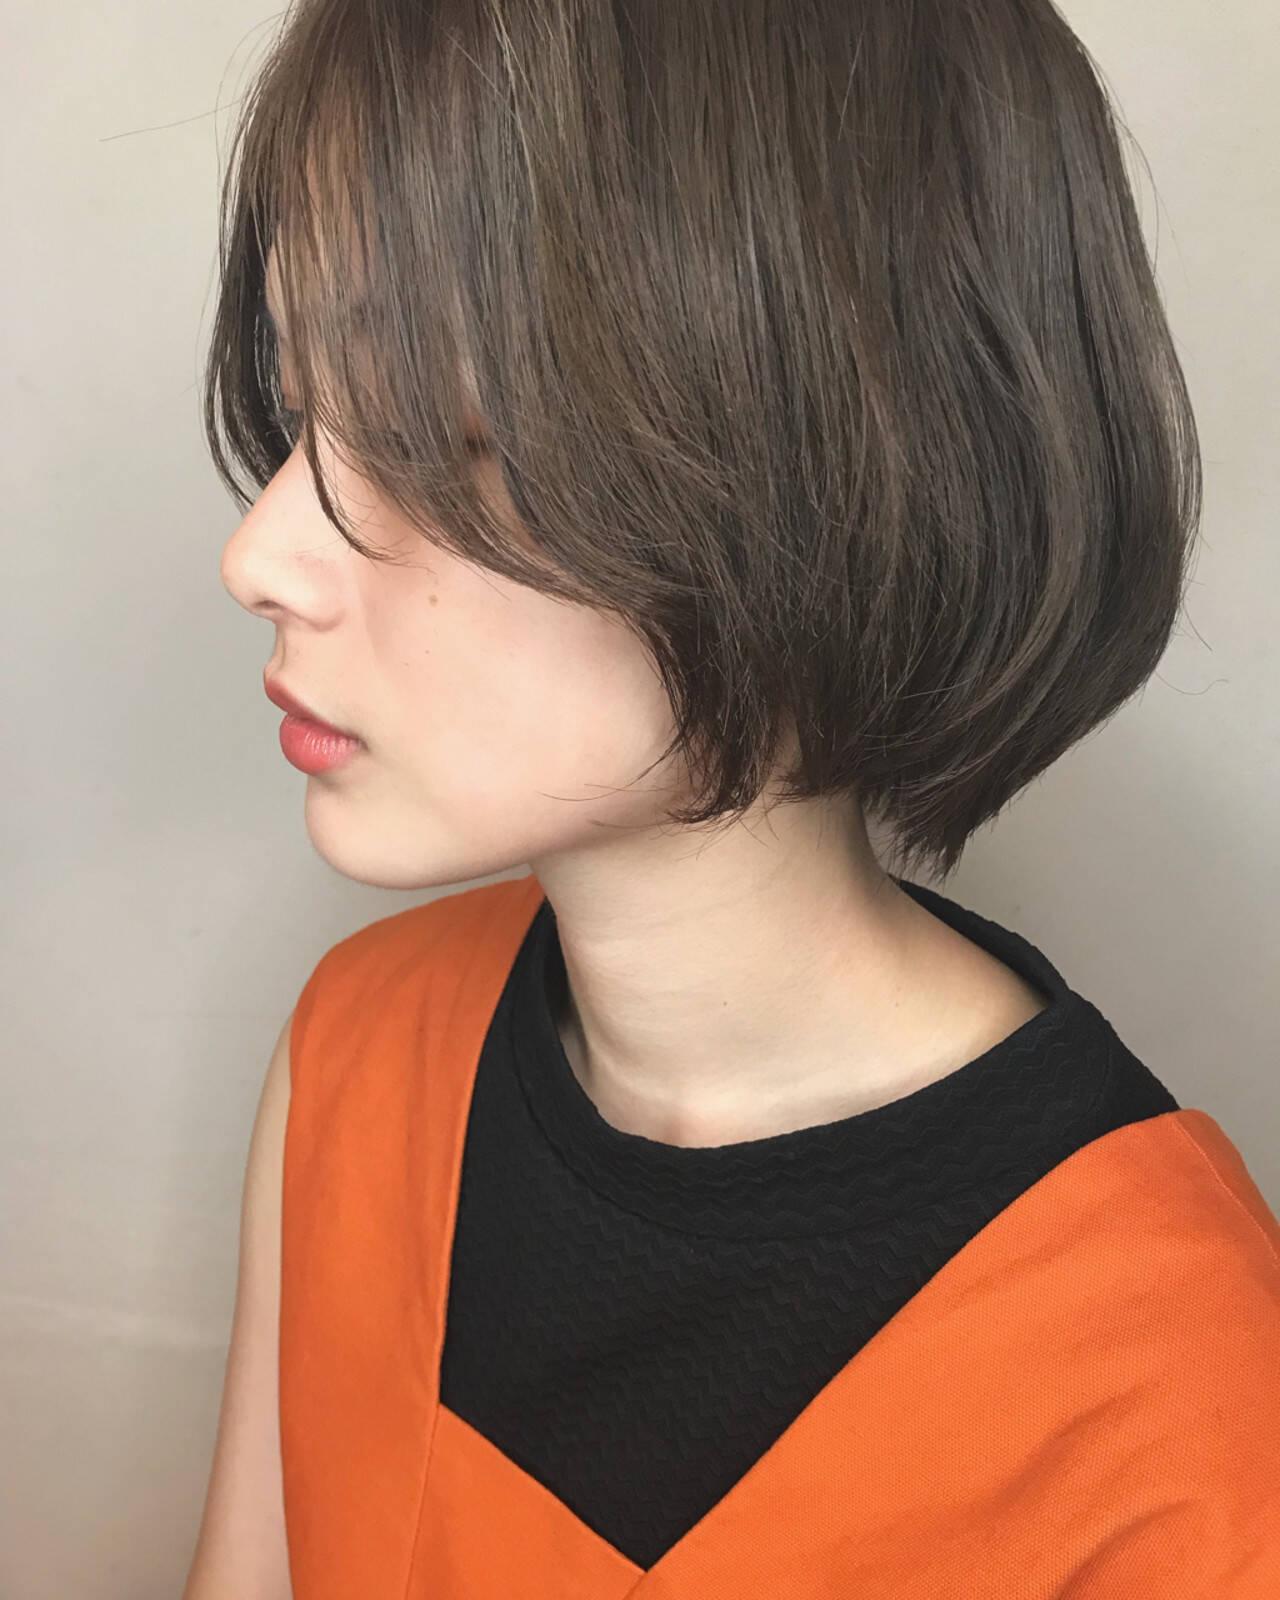 小顔 ボブ センターパート ゆるふわヘアスタイルや髪型の写真・画像